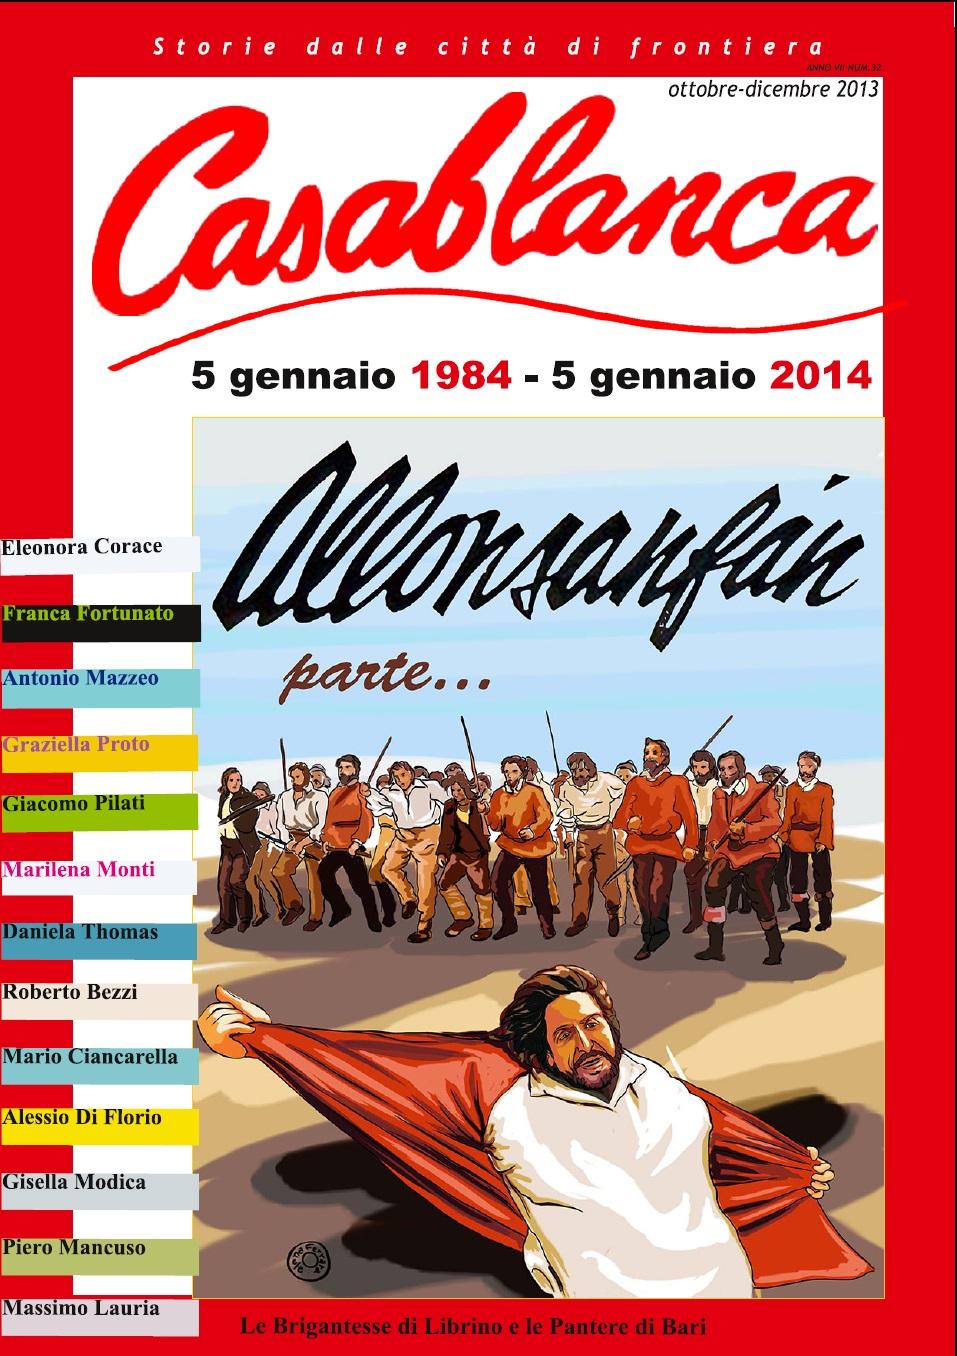 Casablanca32